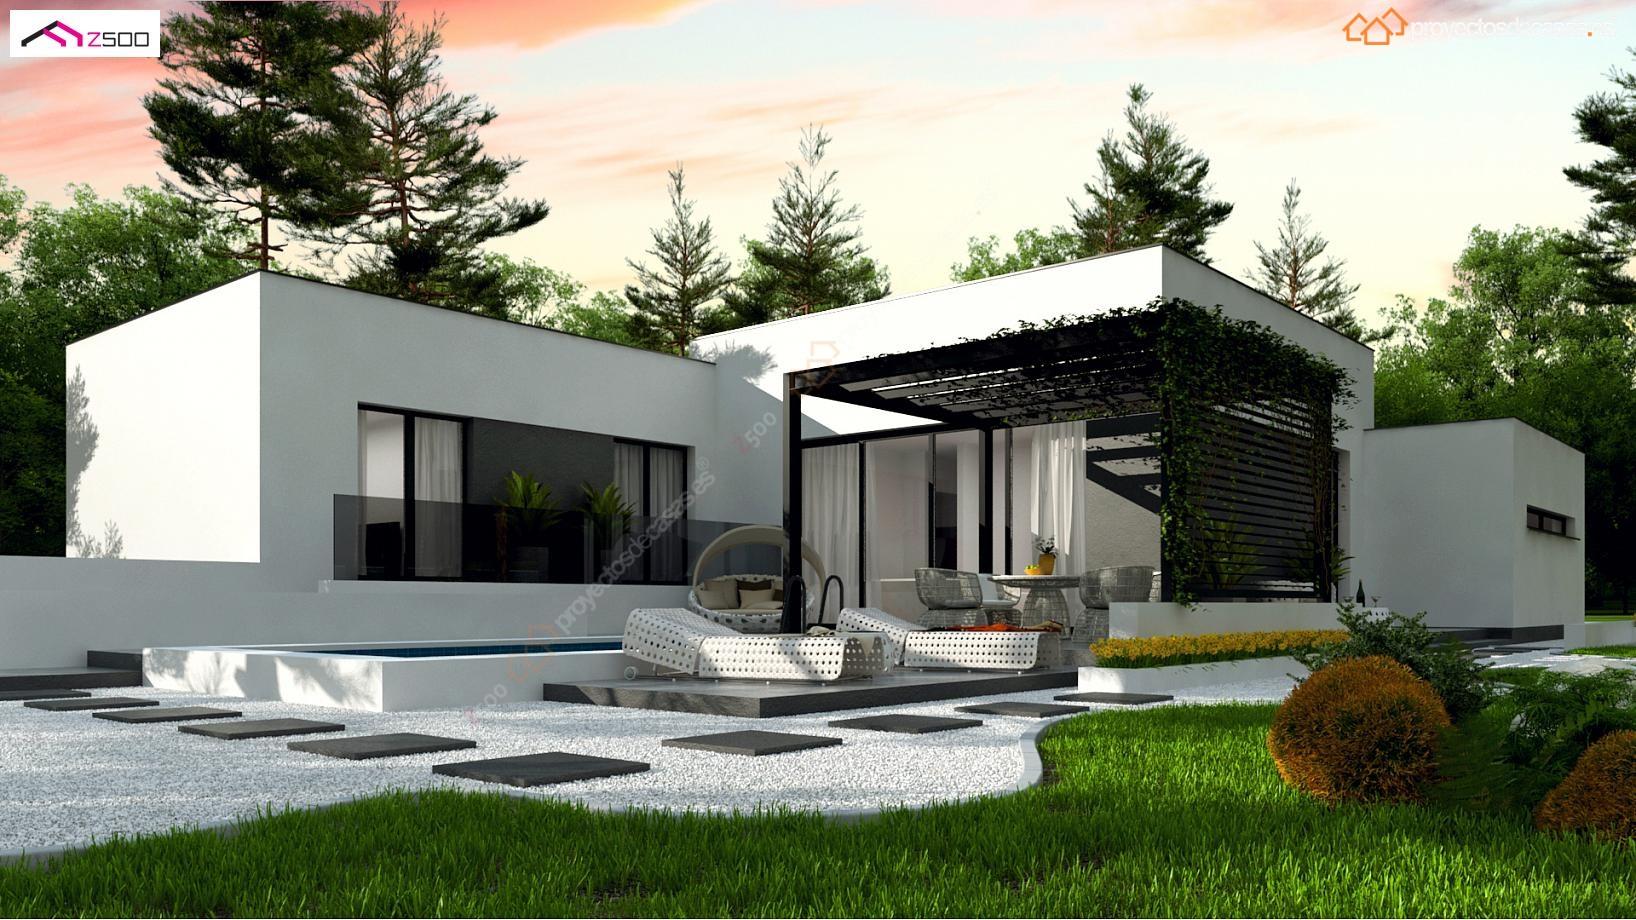 Proyecto de casa minimalista for Proyectos minimalistas